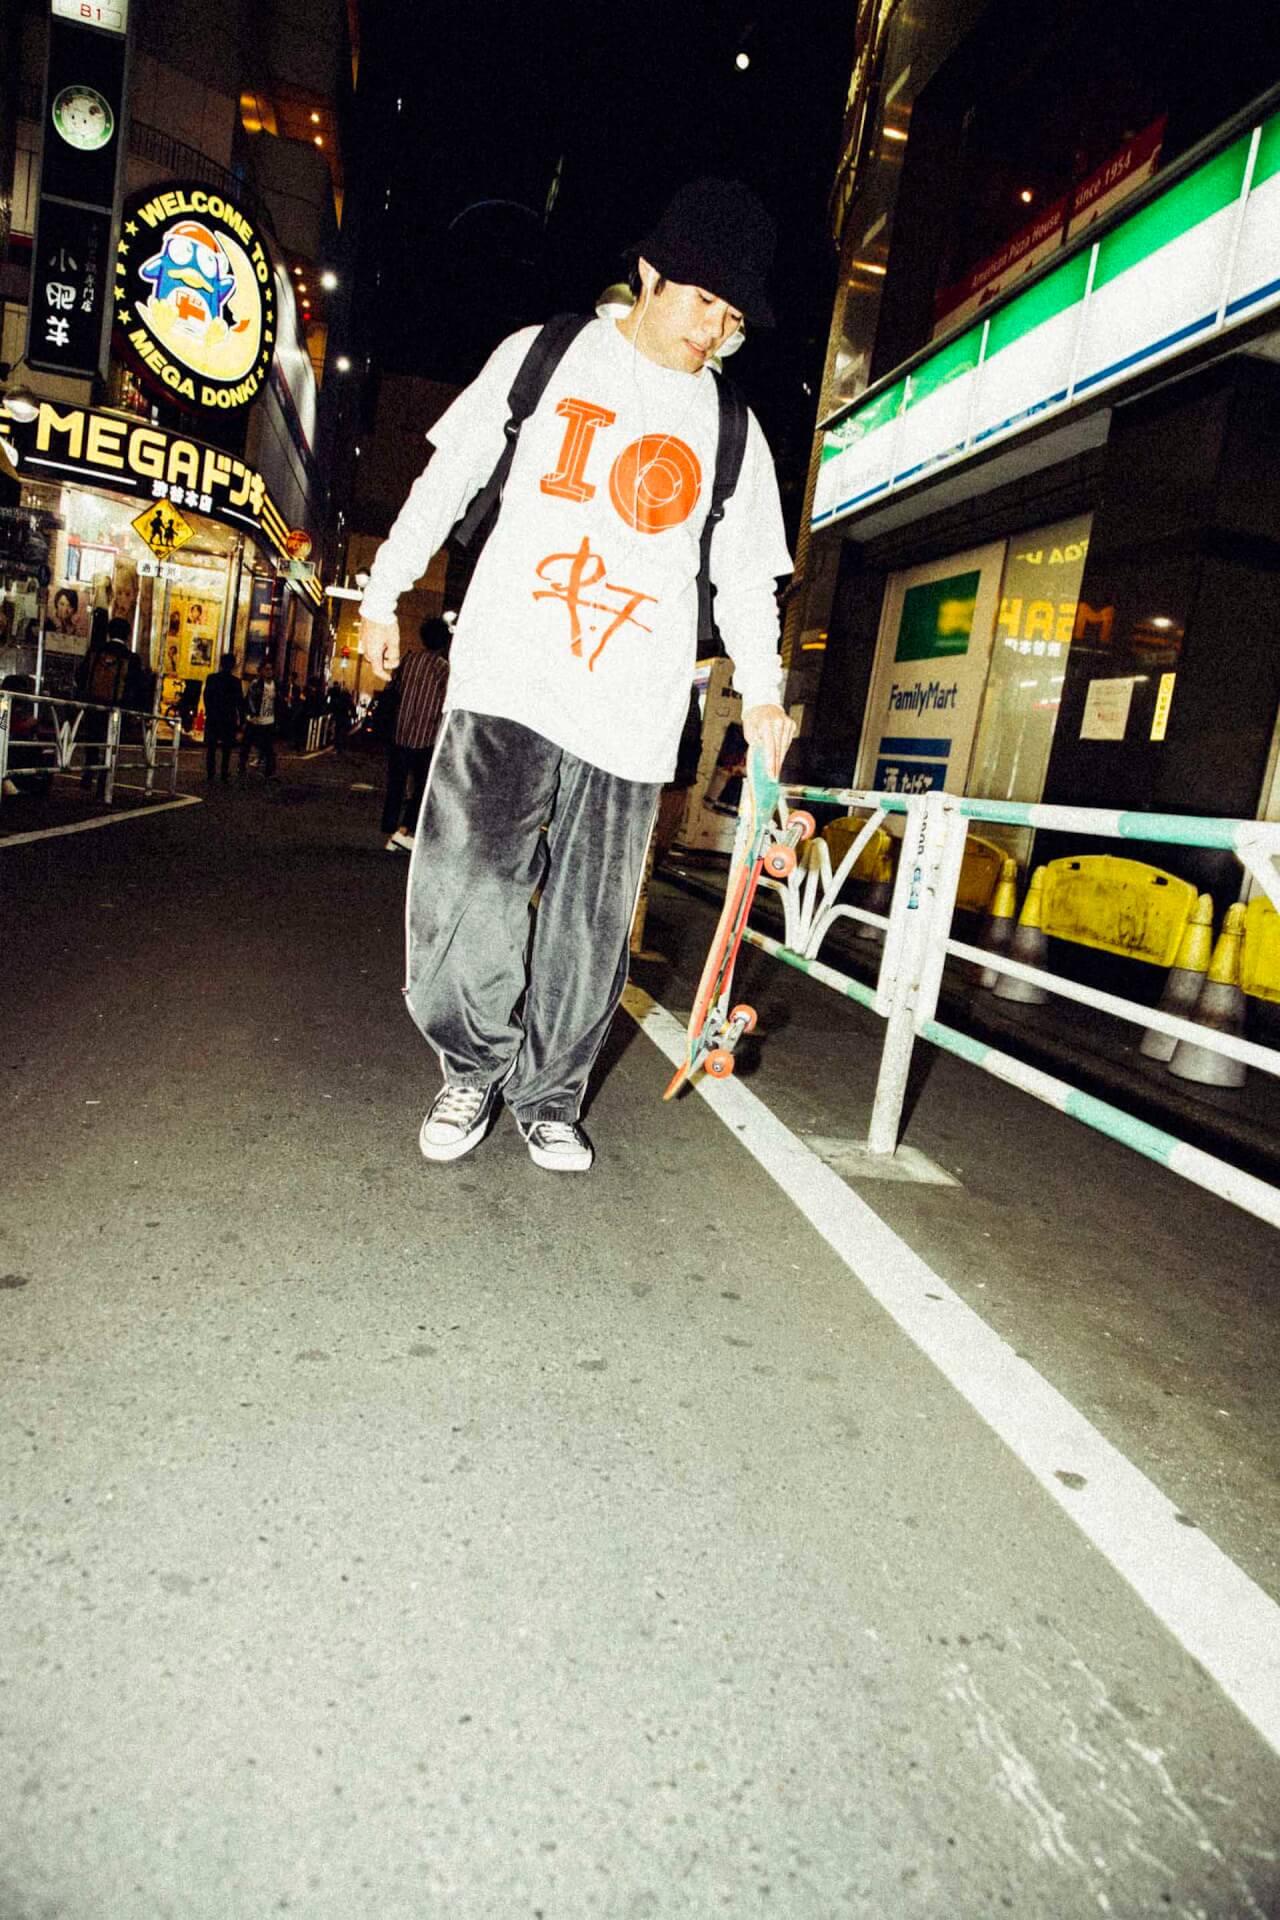 高岩遼のモノローグ|『10』リリースライブに向けて ryo-takaiwa101210-25